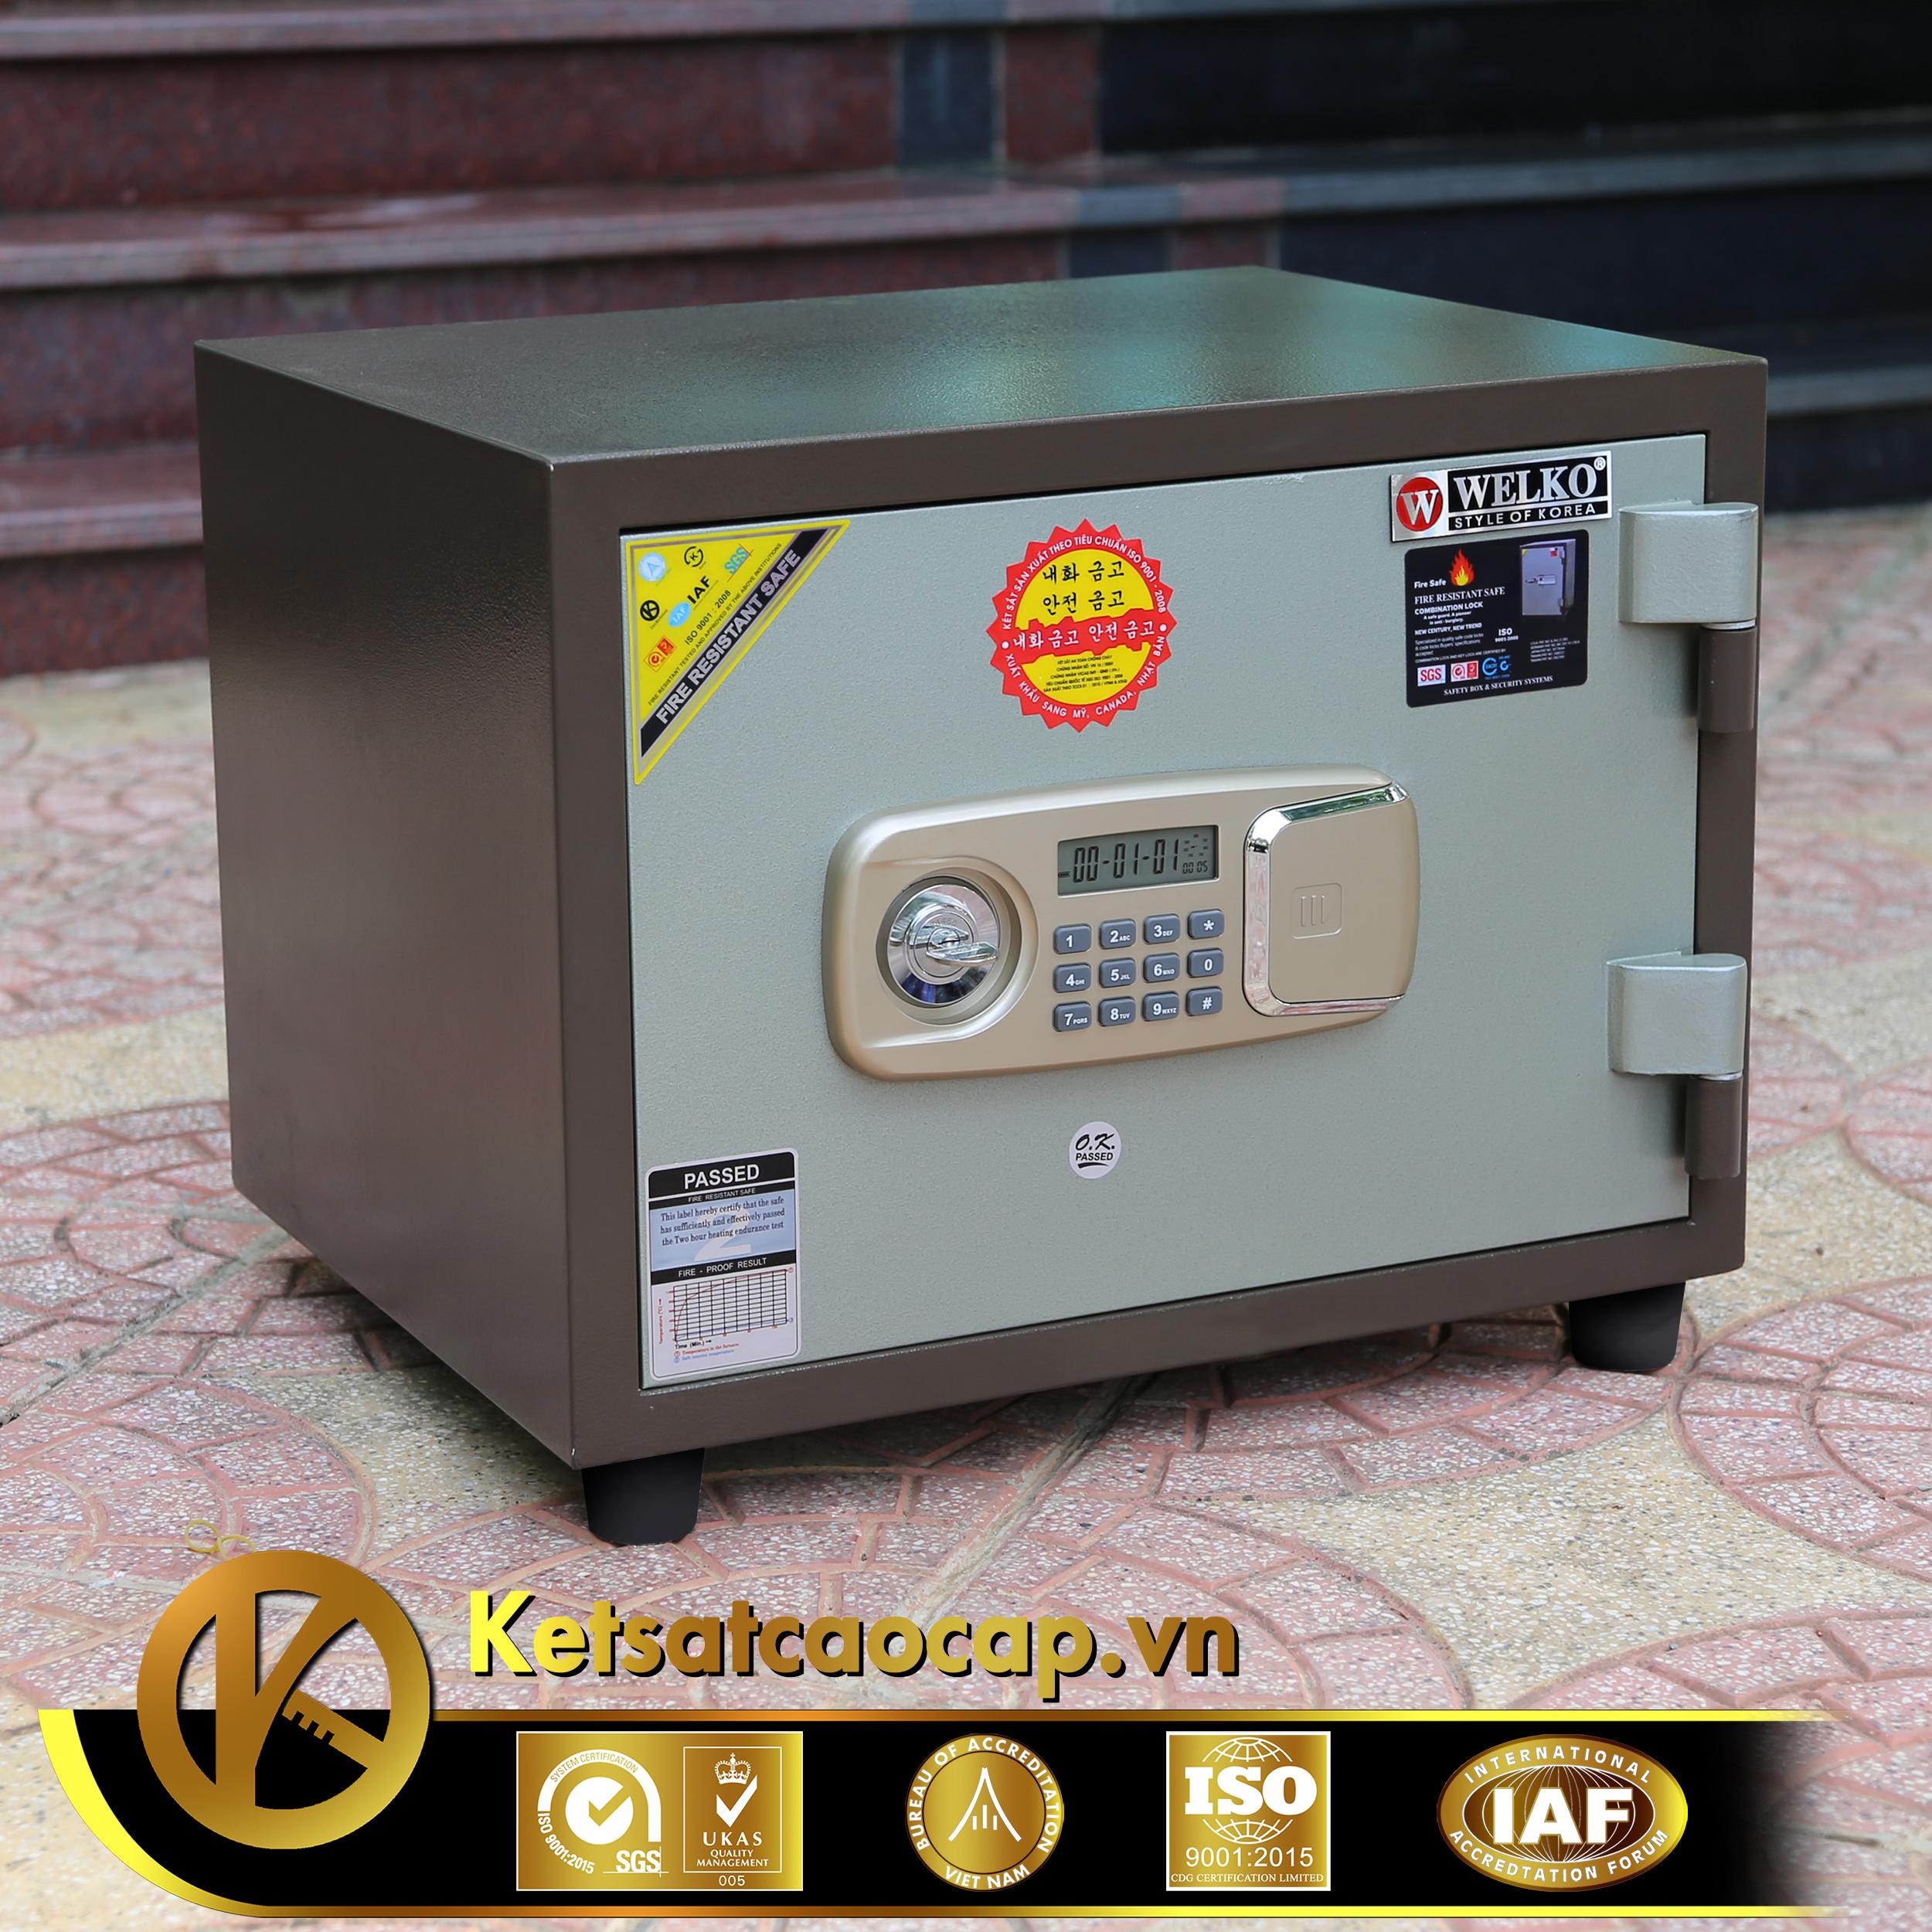 đặc điểm sản phẩm Két sắt văn phòng KS80N Brown-Series E Vietnam